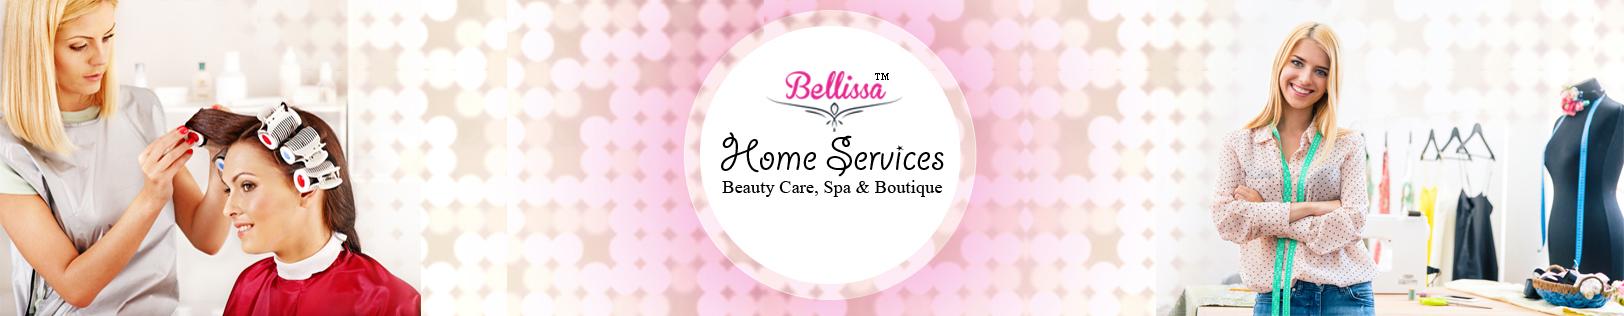 Bellissa Home Services